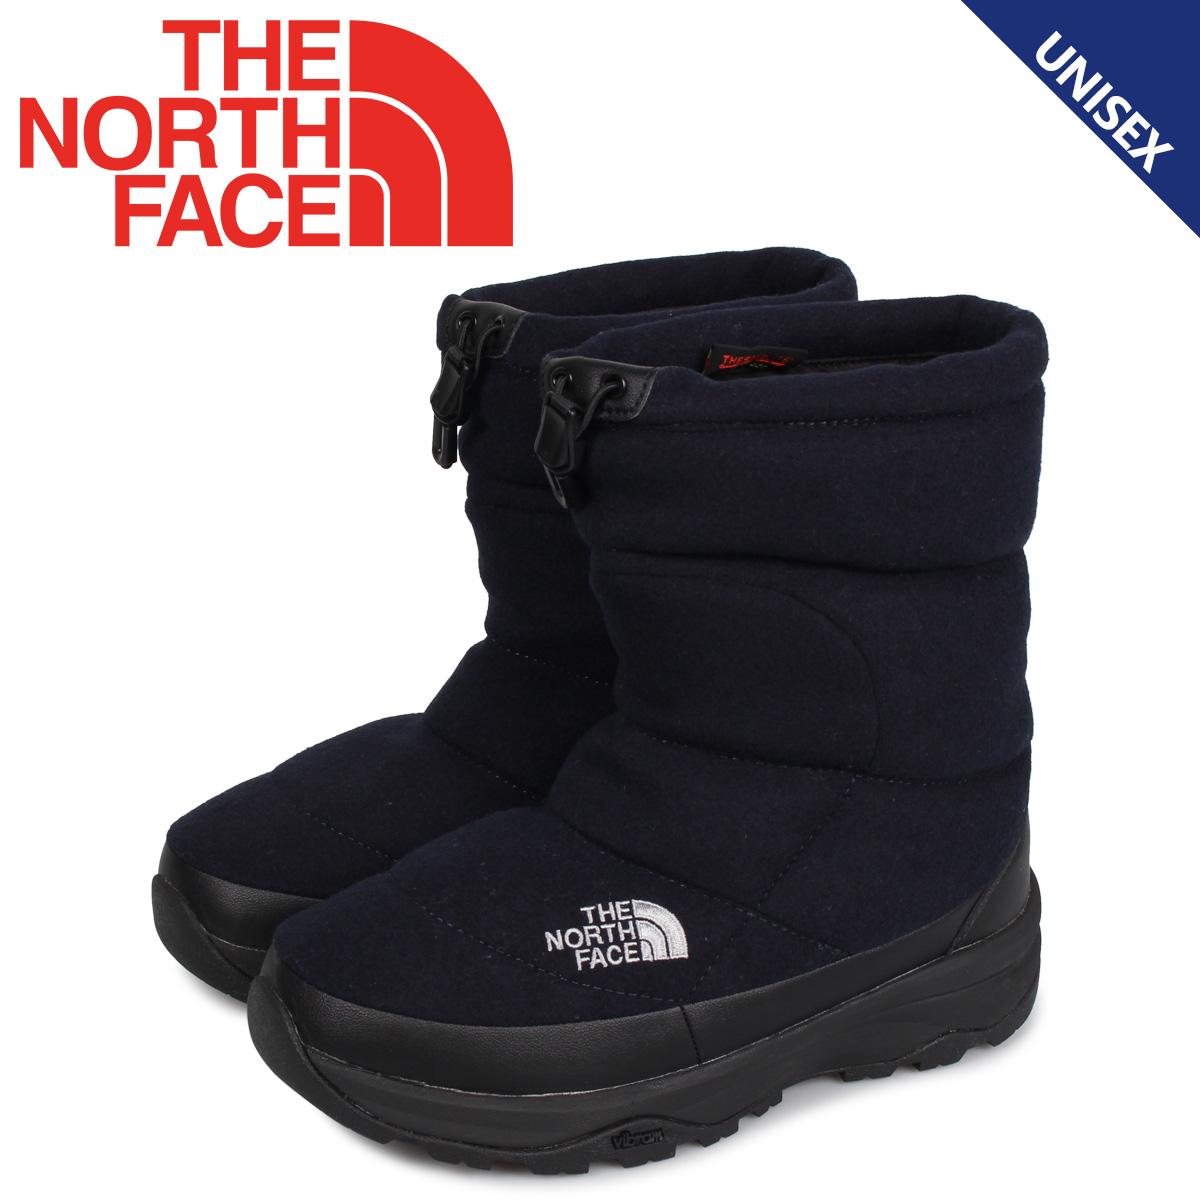 ノースフェイス THE NORTH FACE ヌプシ ブーティ ウール5 ブーツ ウィンターブーツ メンズ レディース NUPTSE BOOTIE WOOL 5 ネイビー NF51978